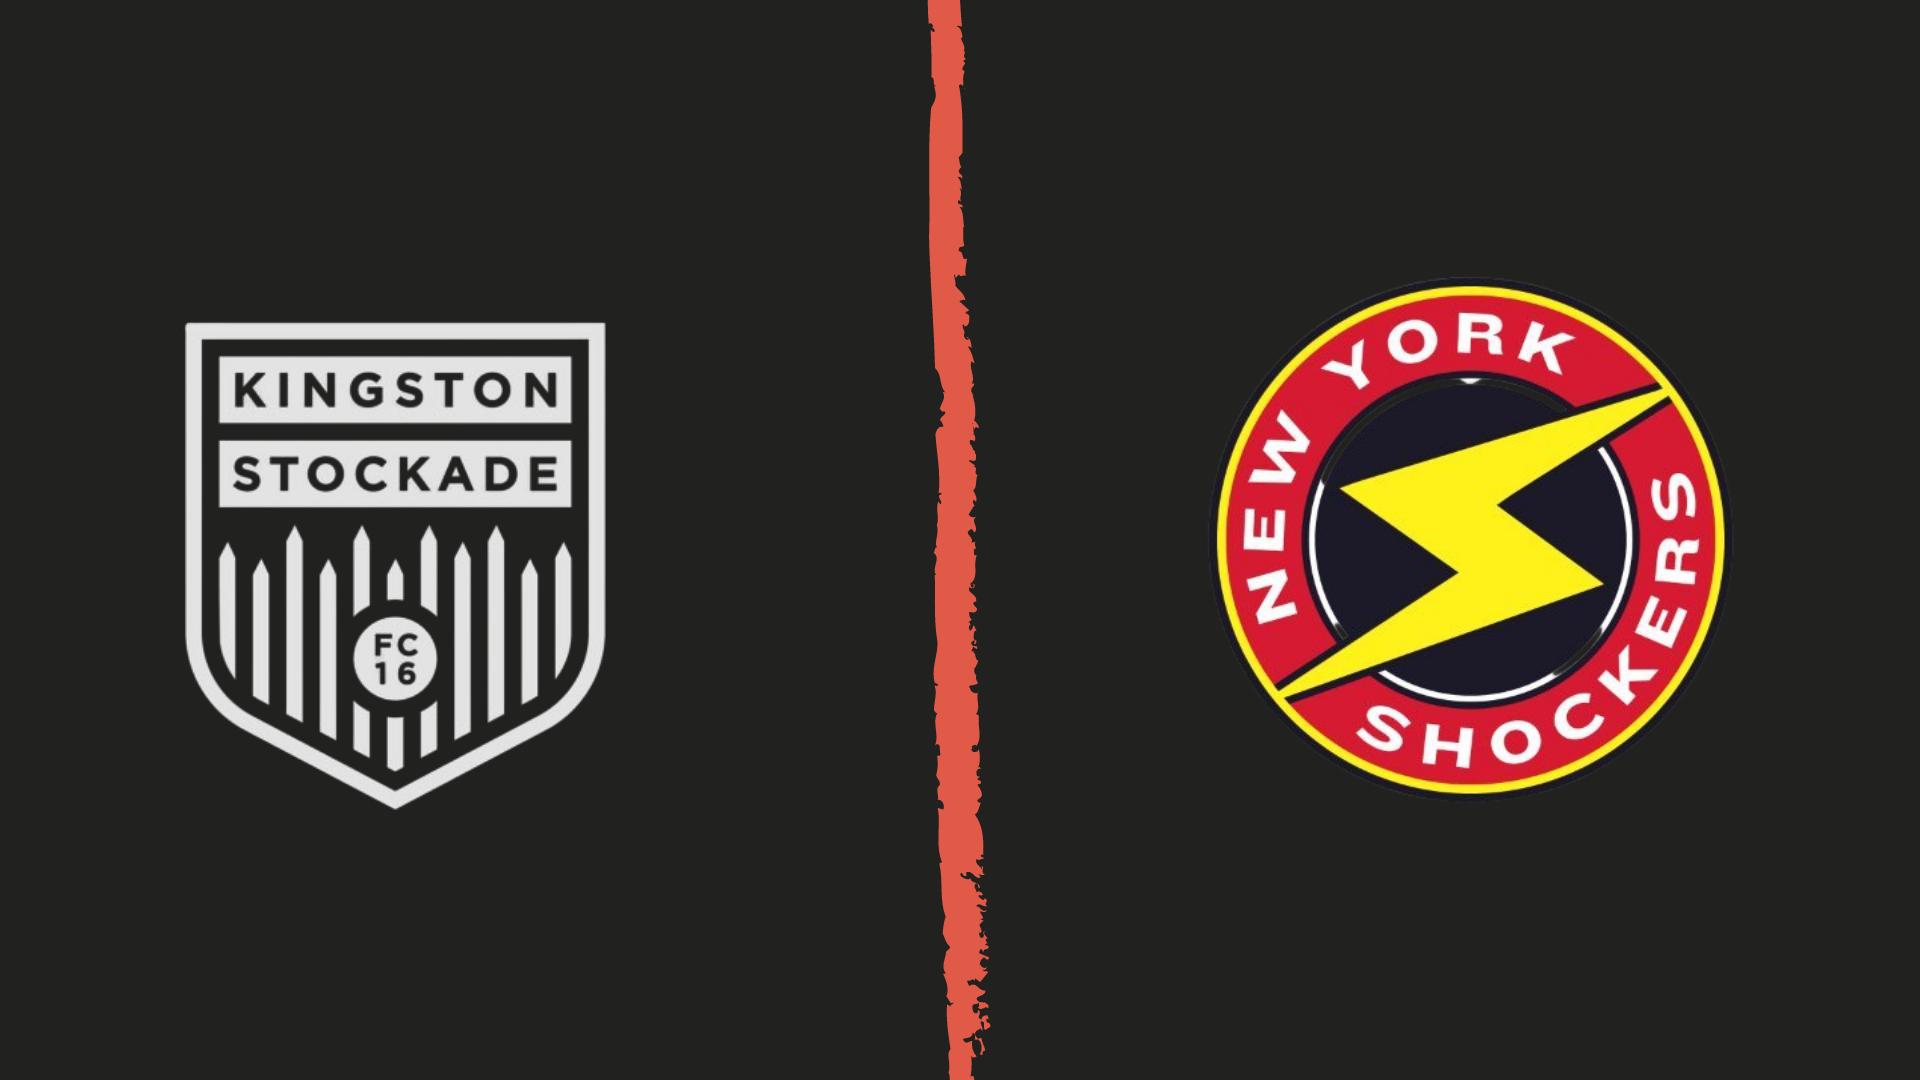 Kingston Stockade FC vs NY Shockers